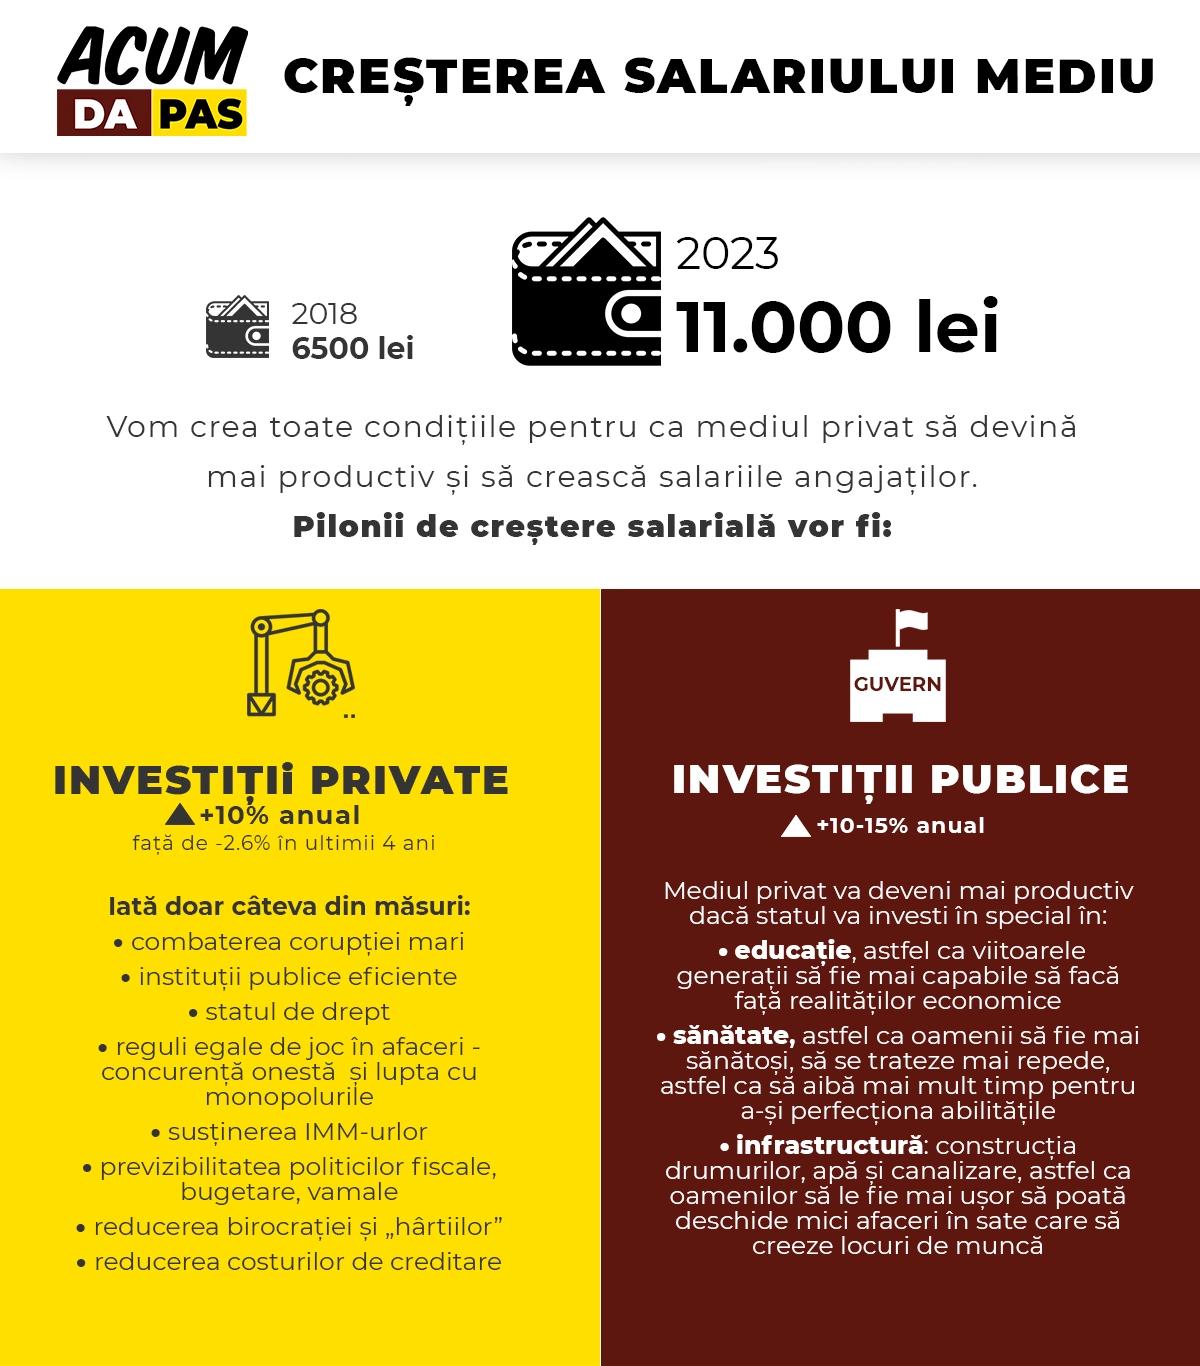 Cum va asigura salarii și pensii mai bune viitorul bloc ACUM DA-PAS